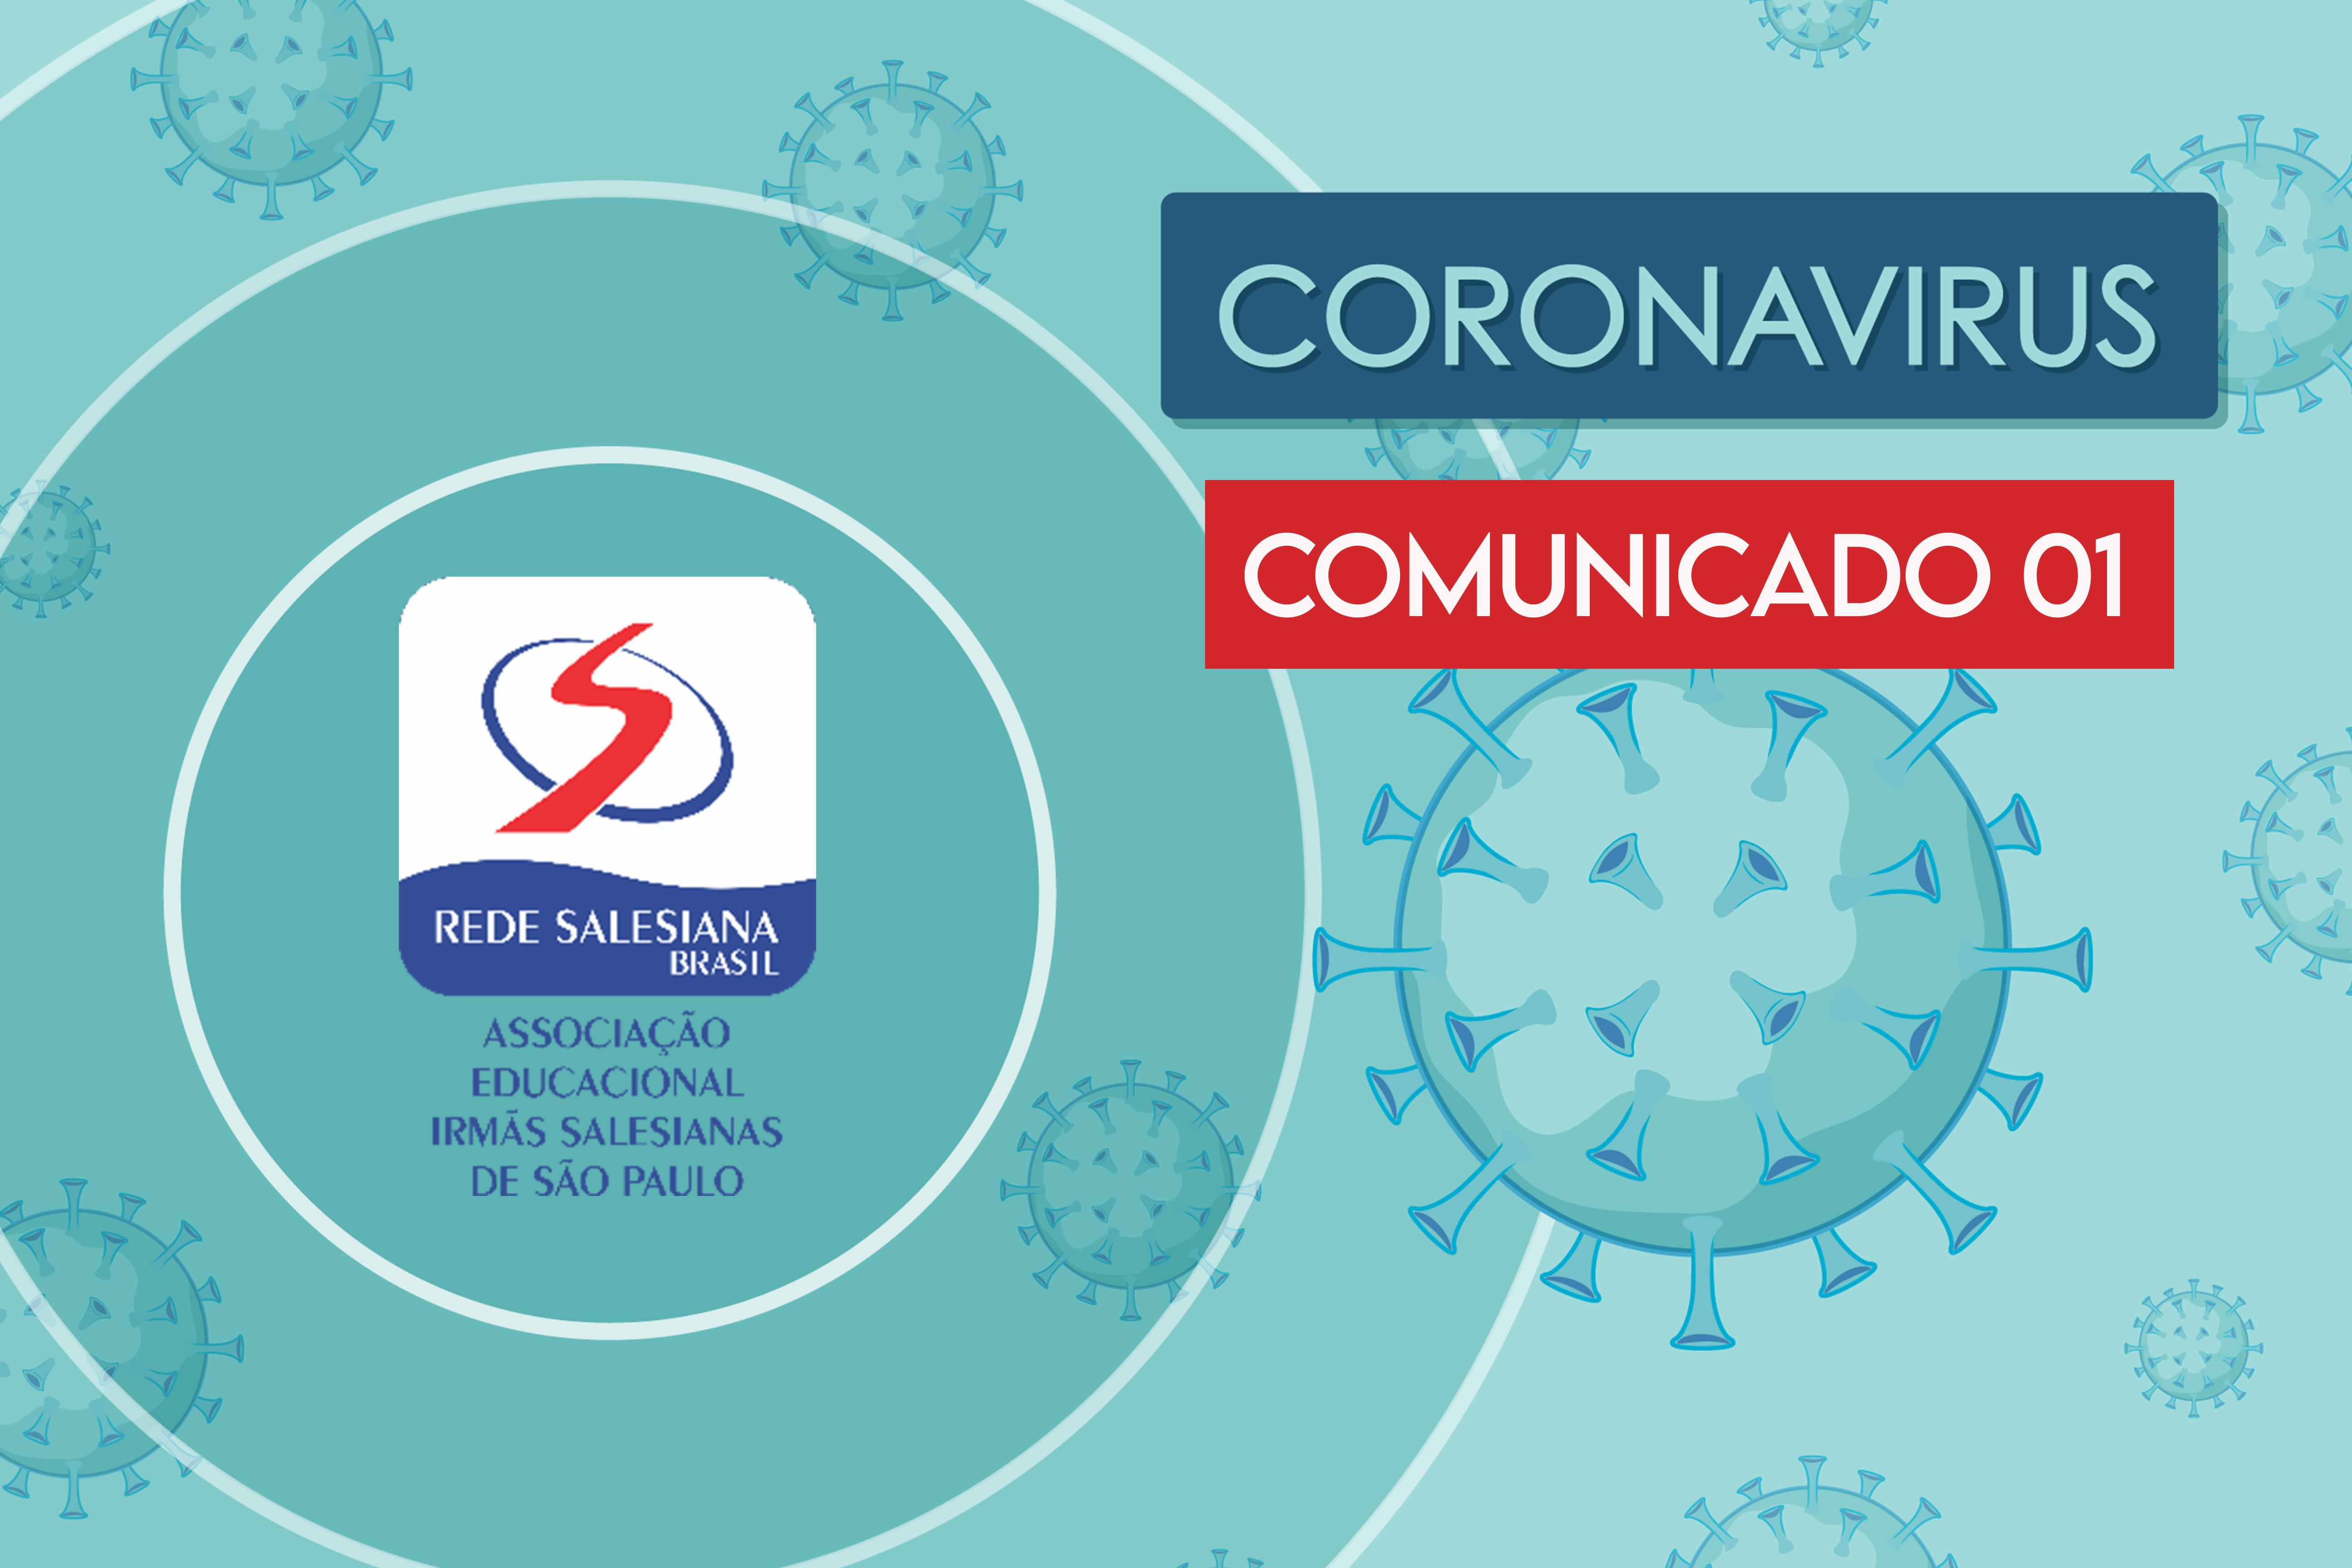 COMUNICADO 01 - Coronavírus